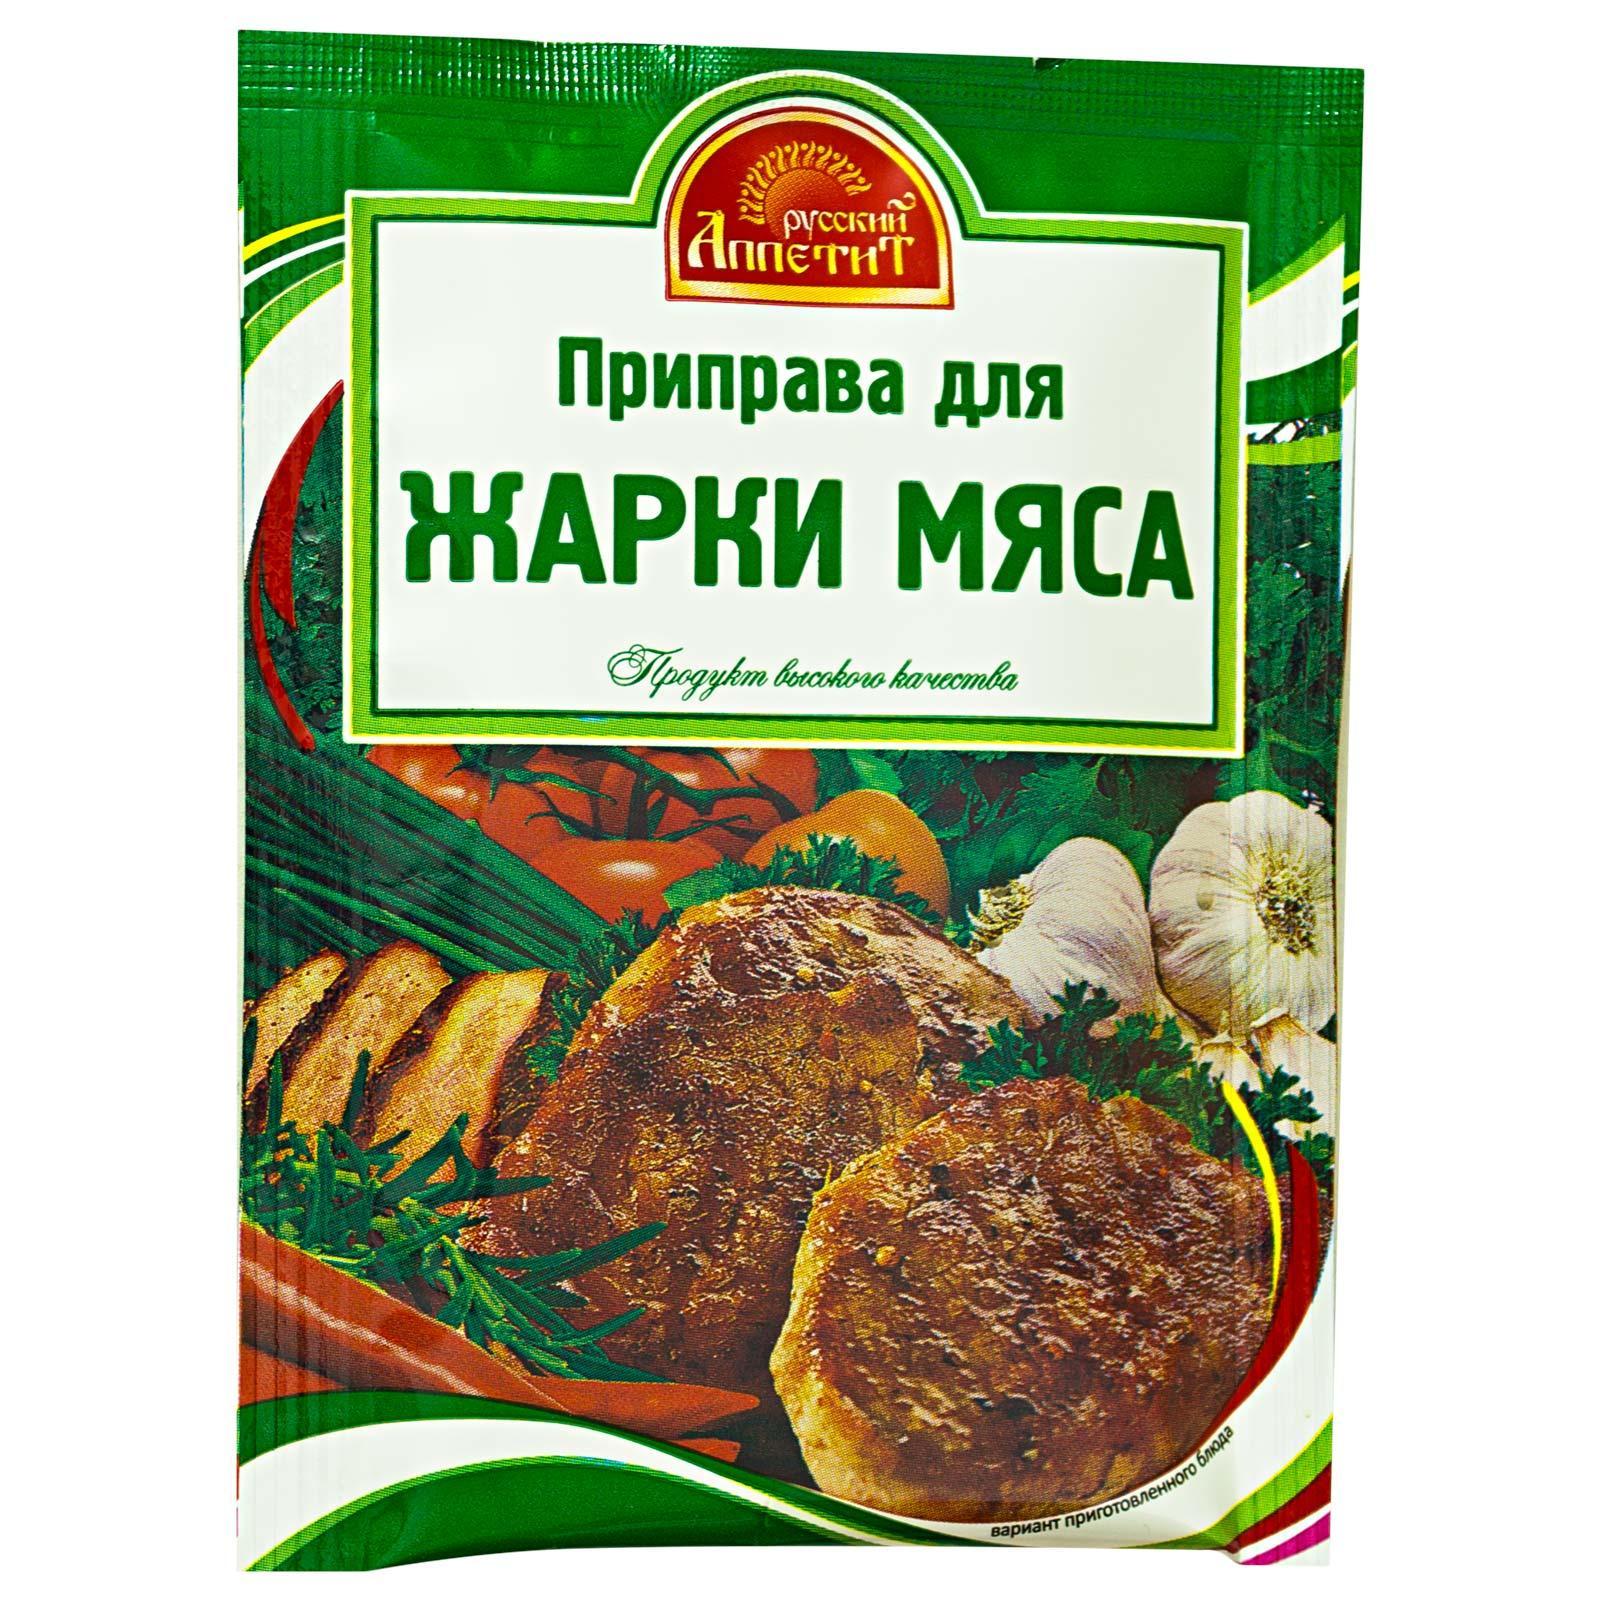 Приправа Русский аппетит Для жарки мяса